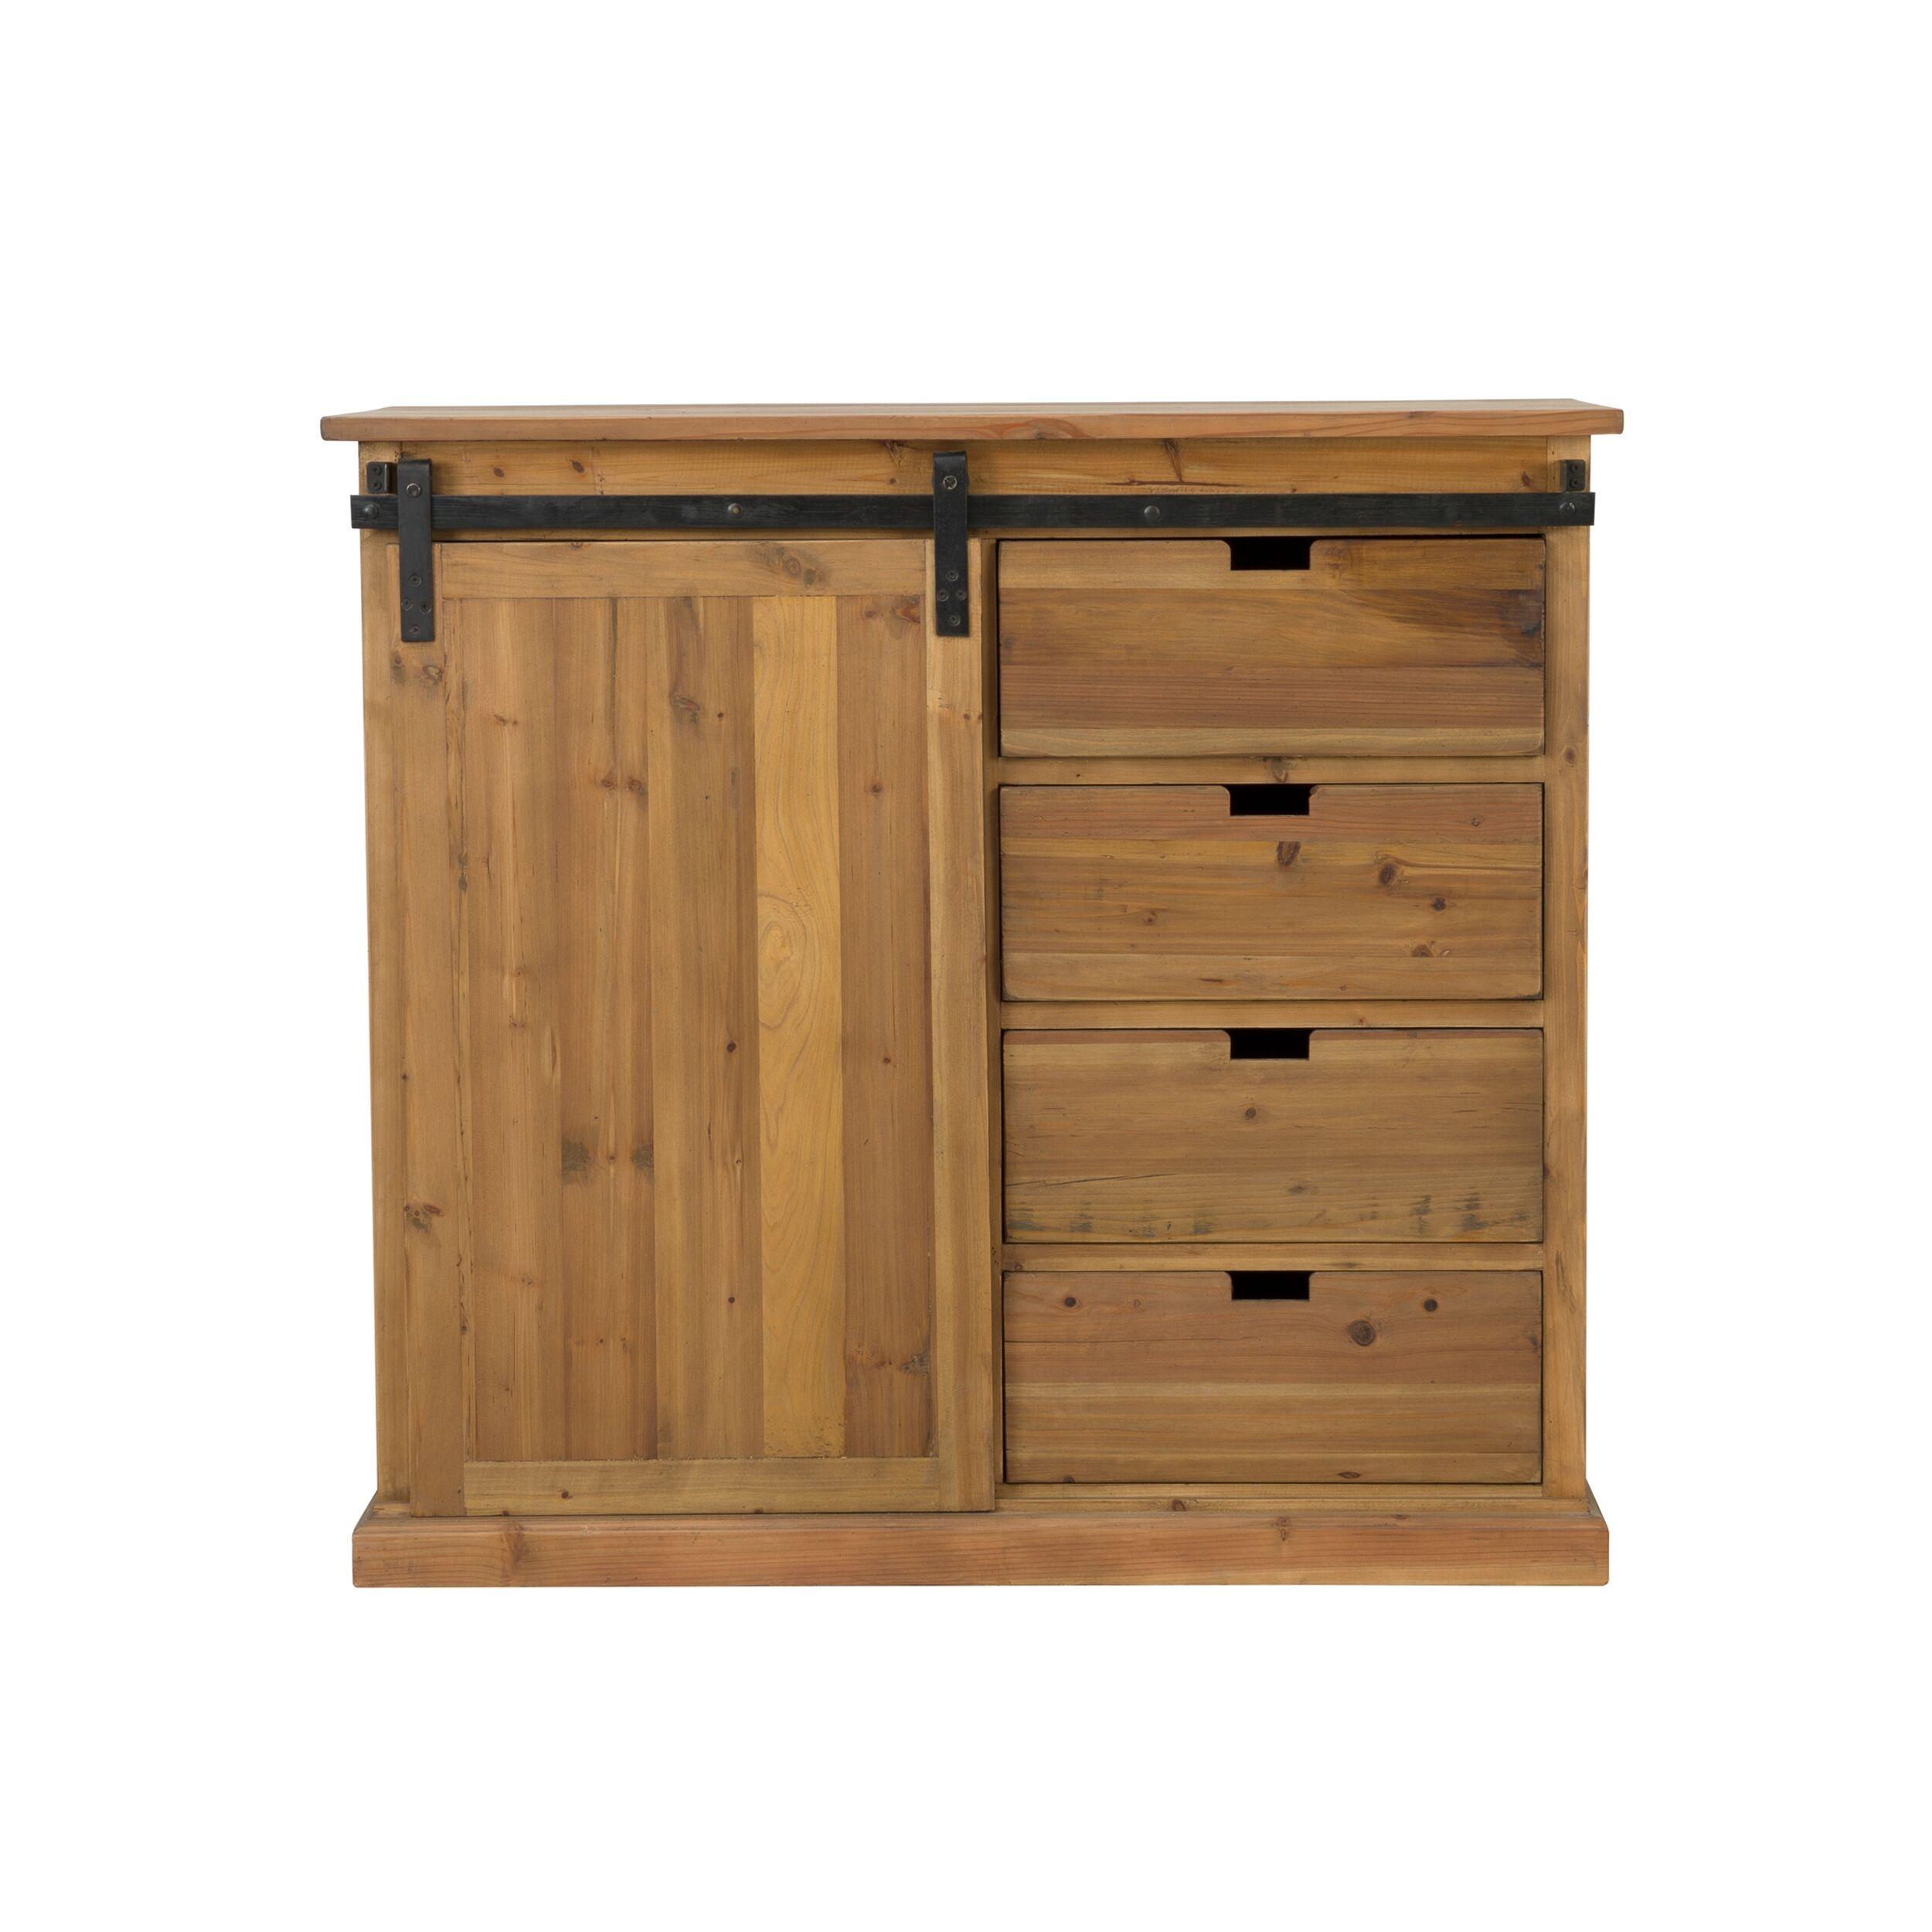 Rendez vous déco Buffet 4 tiroirs 1 porte coulissante en bois de cdre